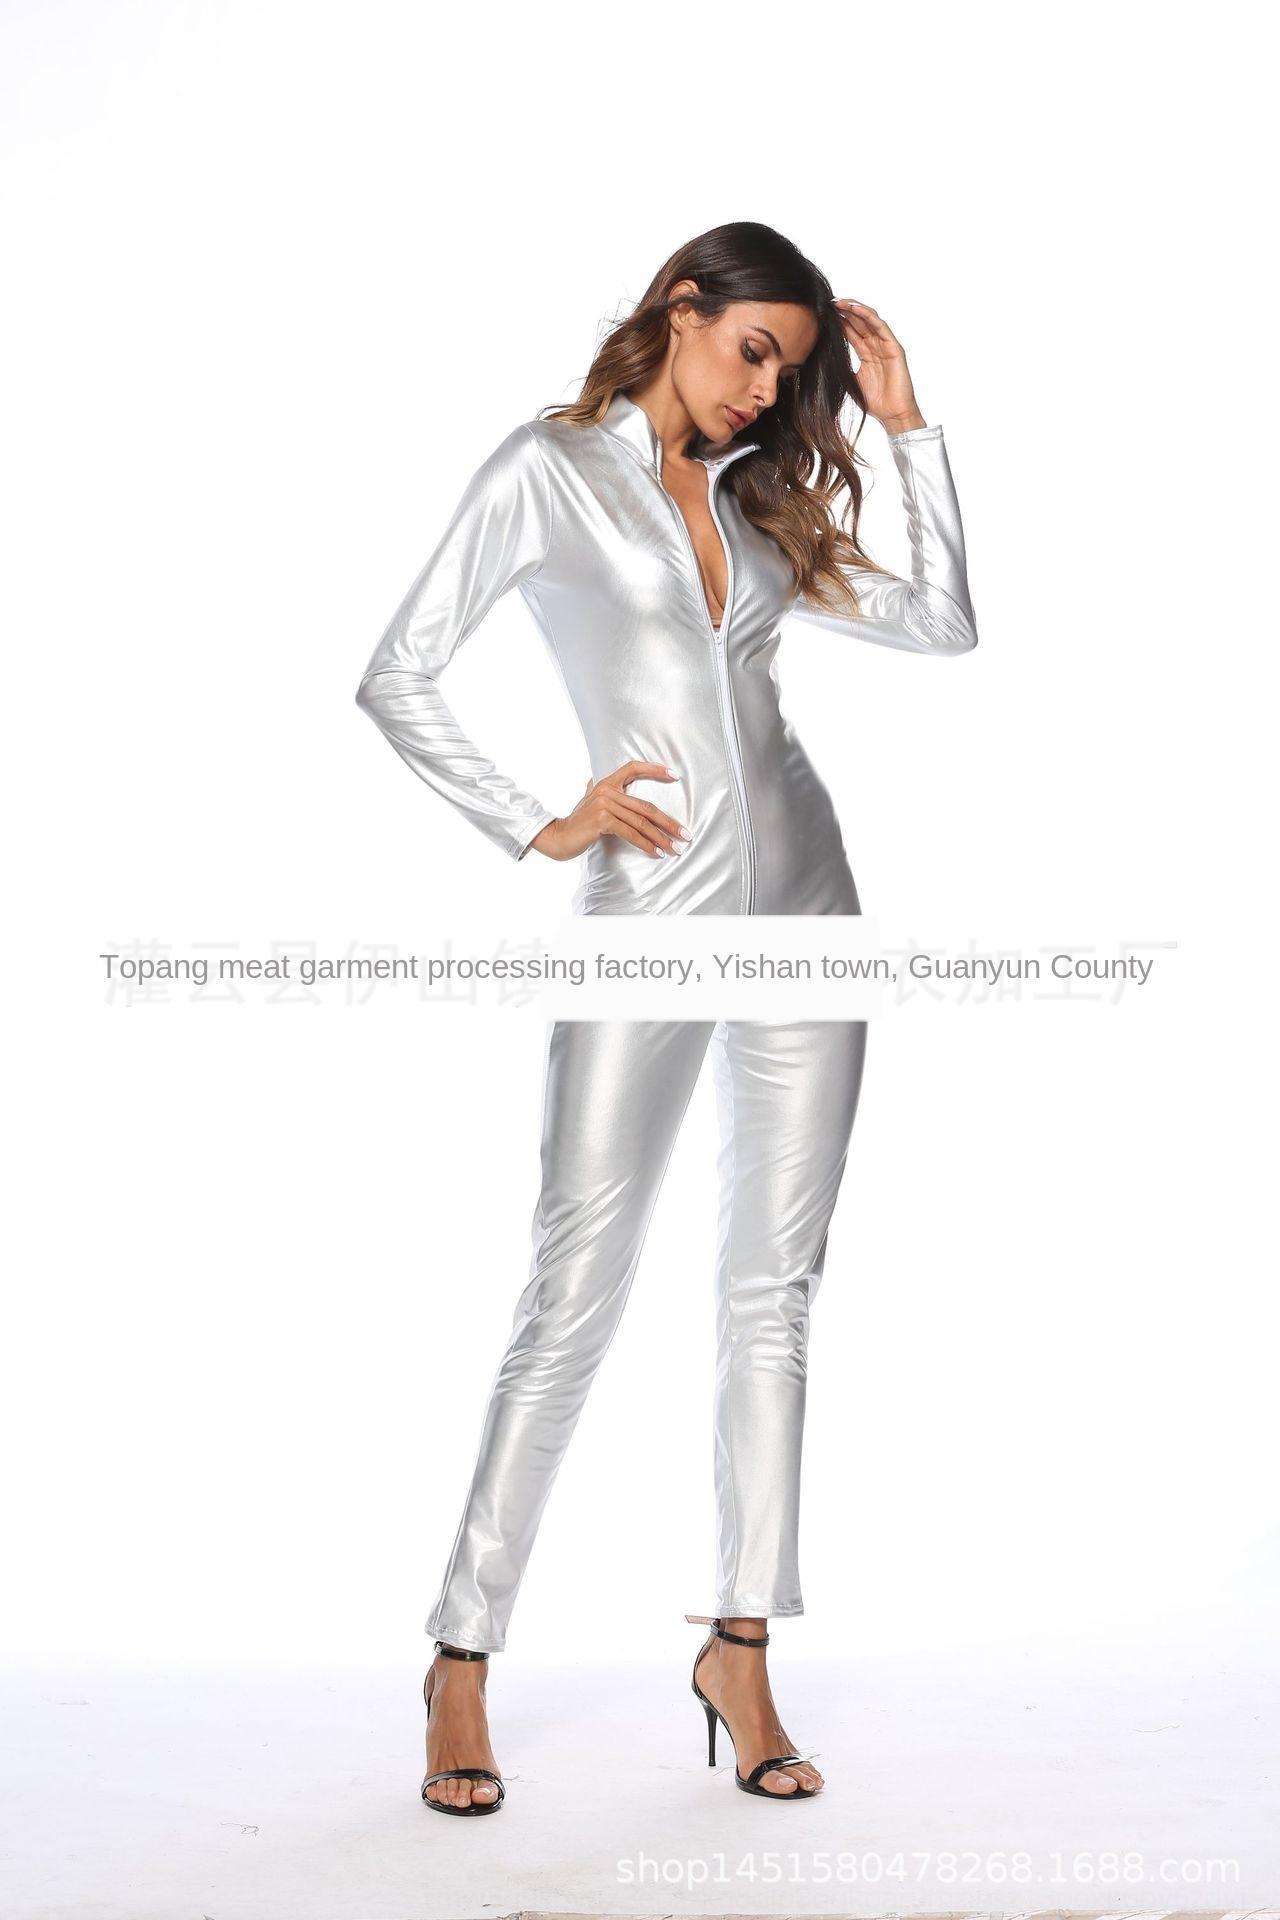 DPxCU C7I94 üniforma Performans günaha Gece kulübü sıkı tek parça korse yaldız imitasyon İç ceket deri ceket Pu deri boya cl